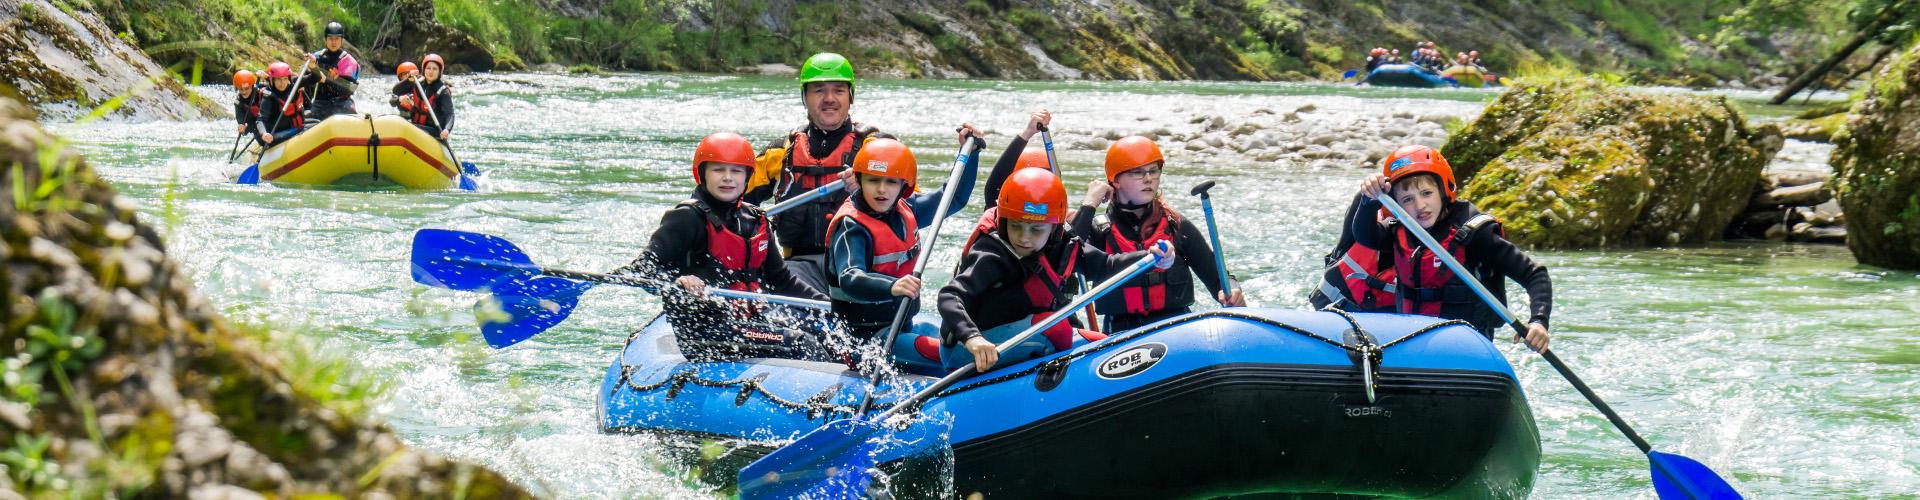 Wildwassersport, © www.mariazell.blog